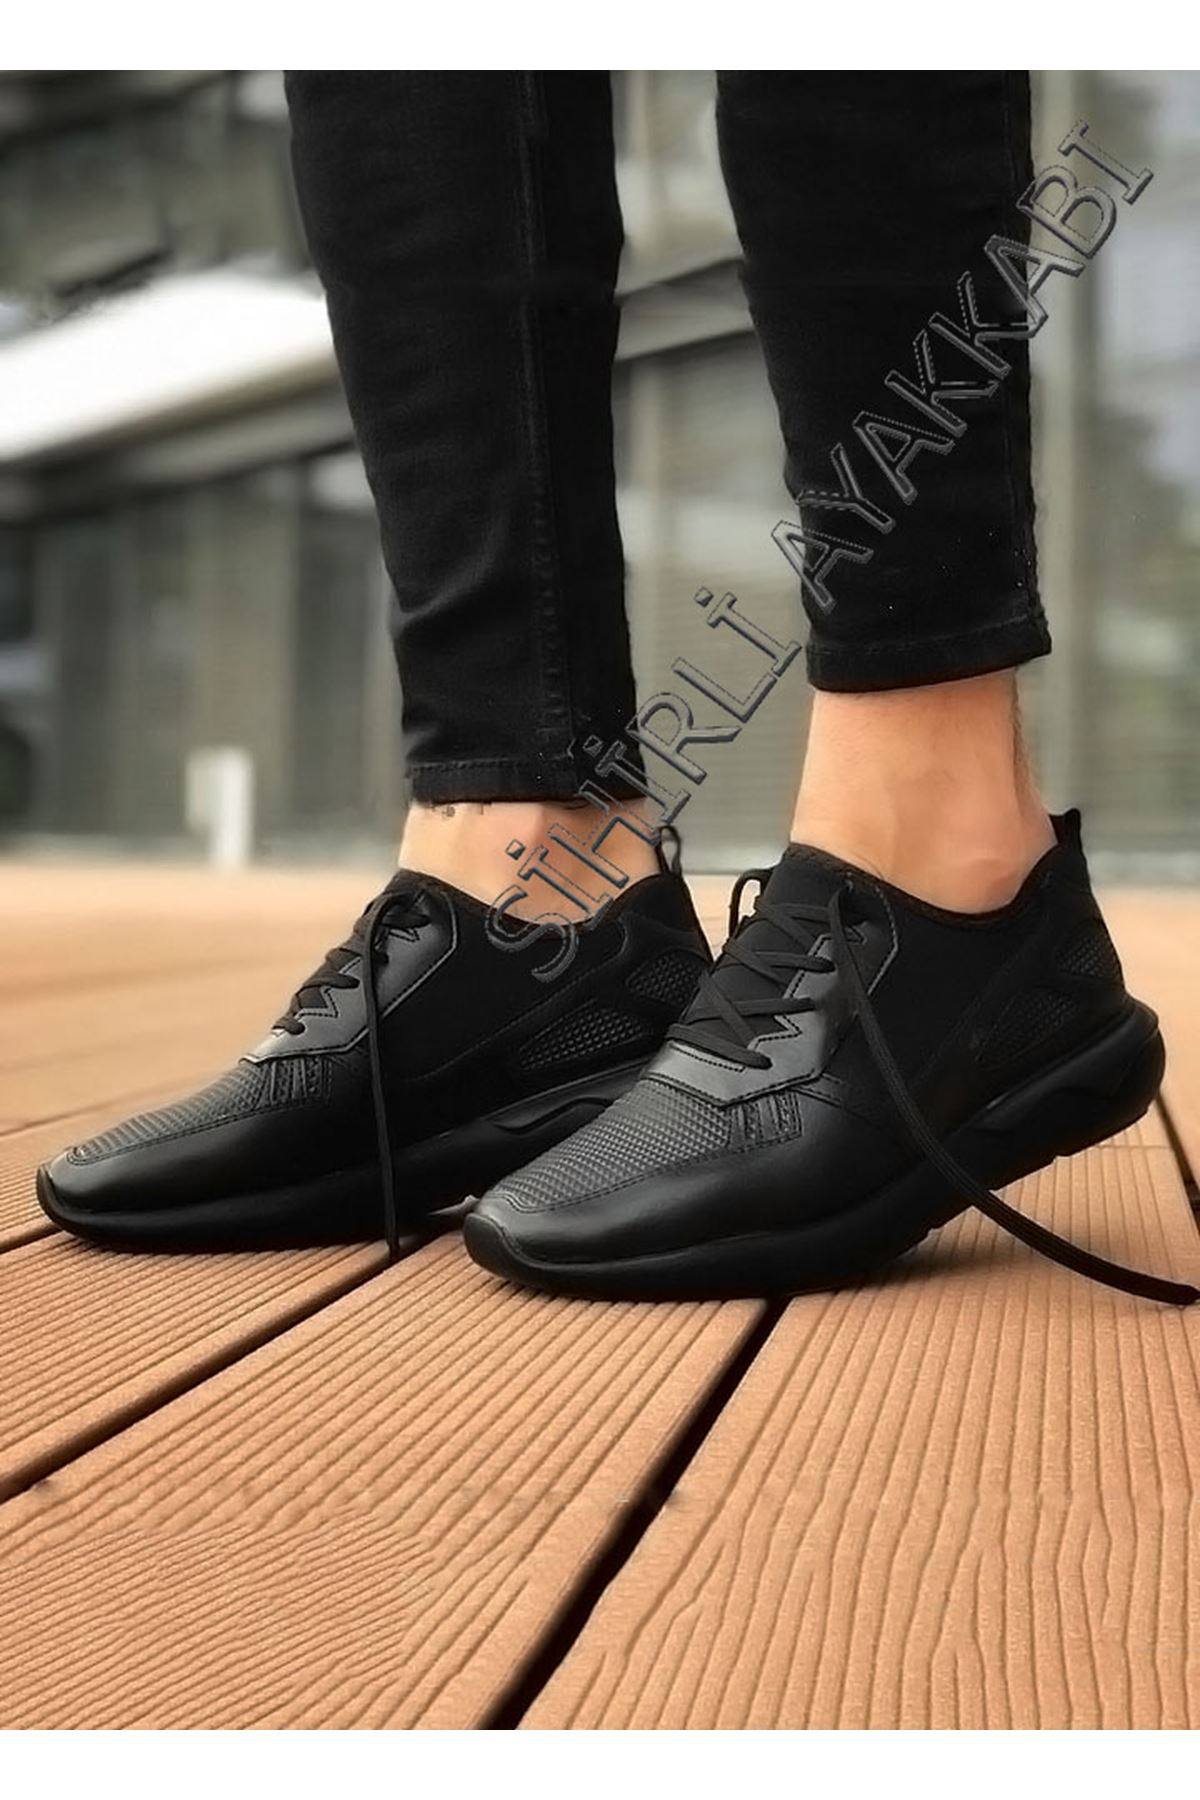 Boy Uzatan Hakiki Deri Spor Model Erkek Siyah Ayakkabı